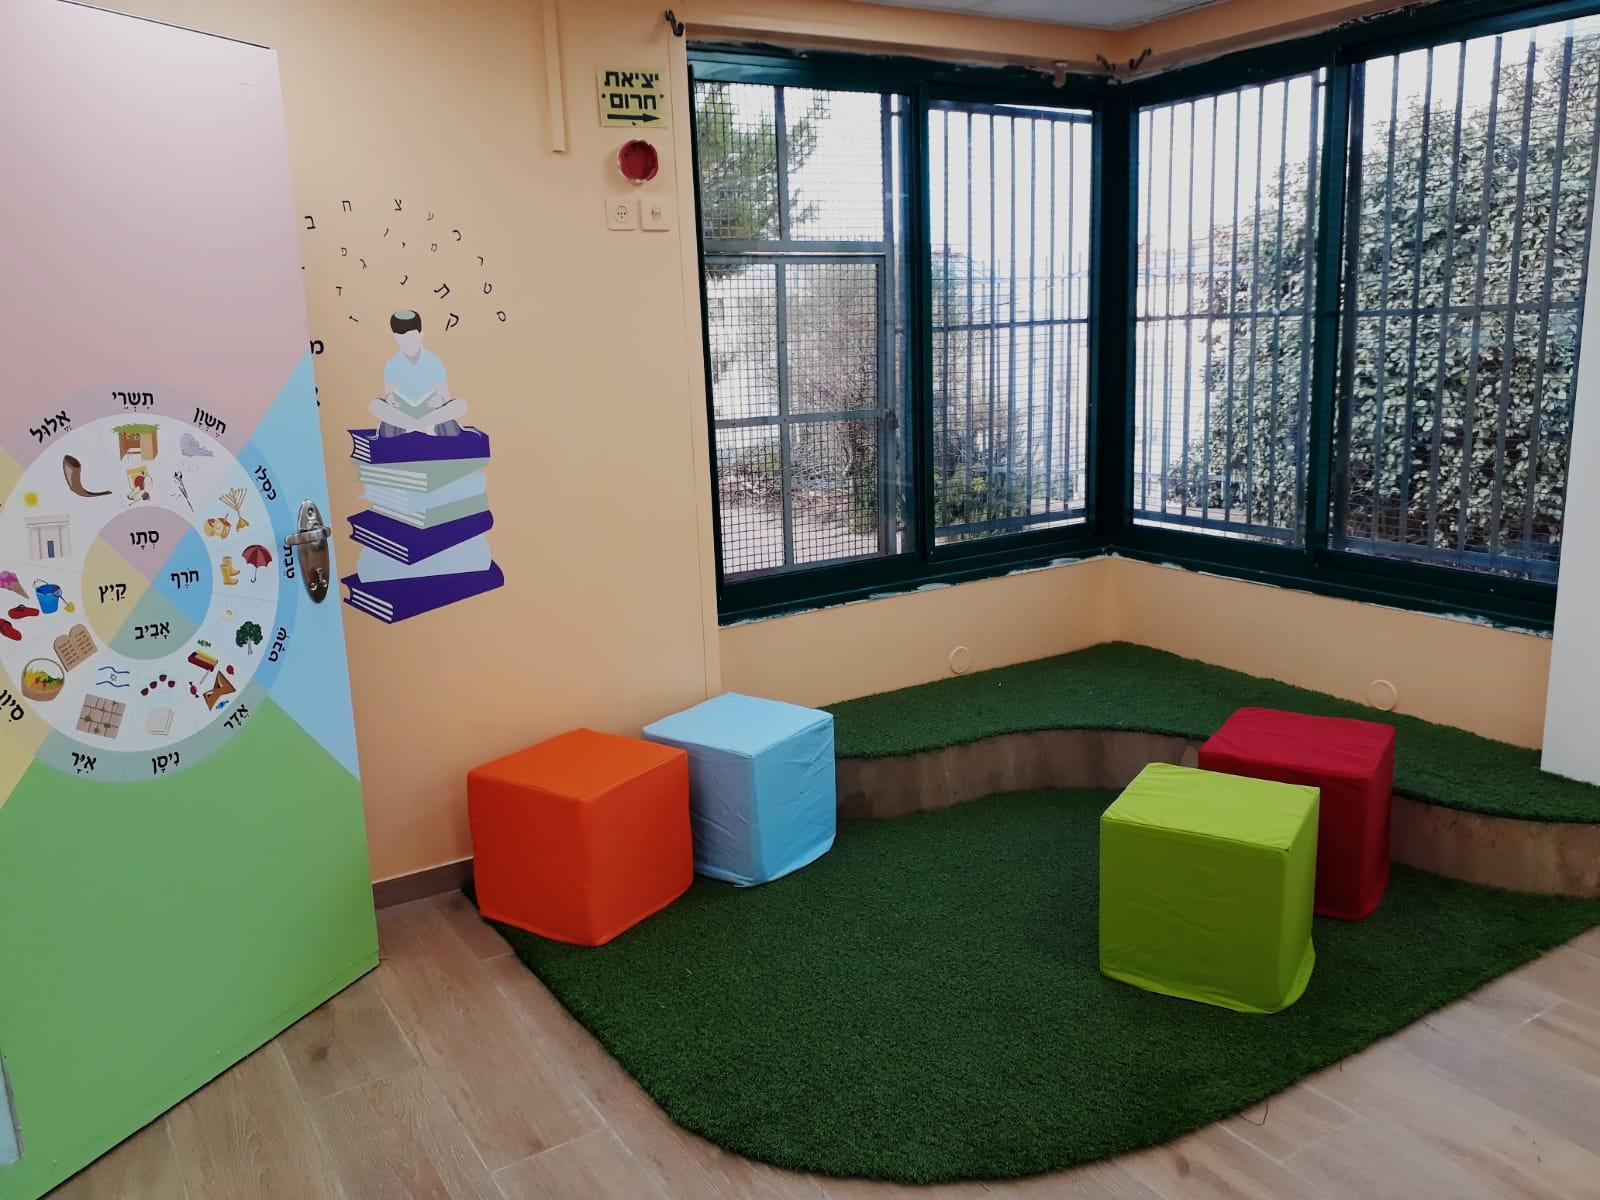 פינת קריאה בכיתה א'- מקומות ישיבה ופרינט של מעגל חודשי השנה על גבי הדלת